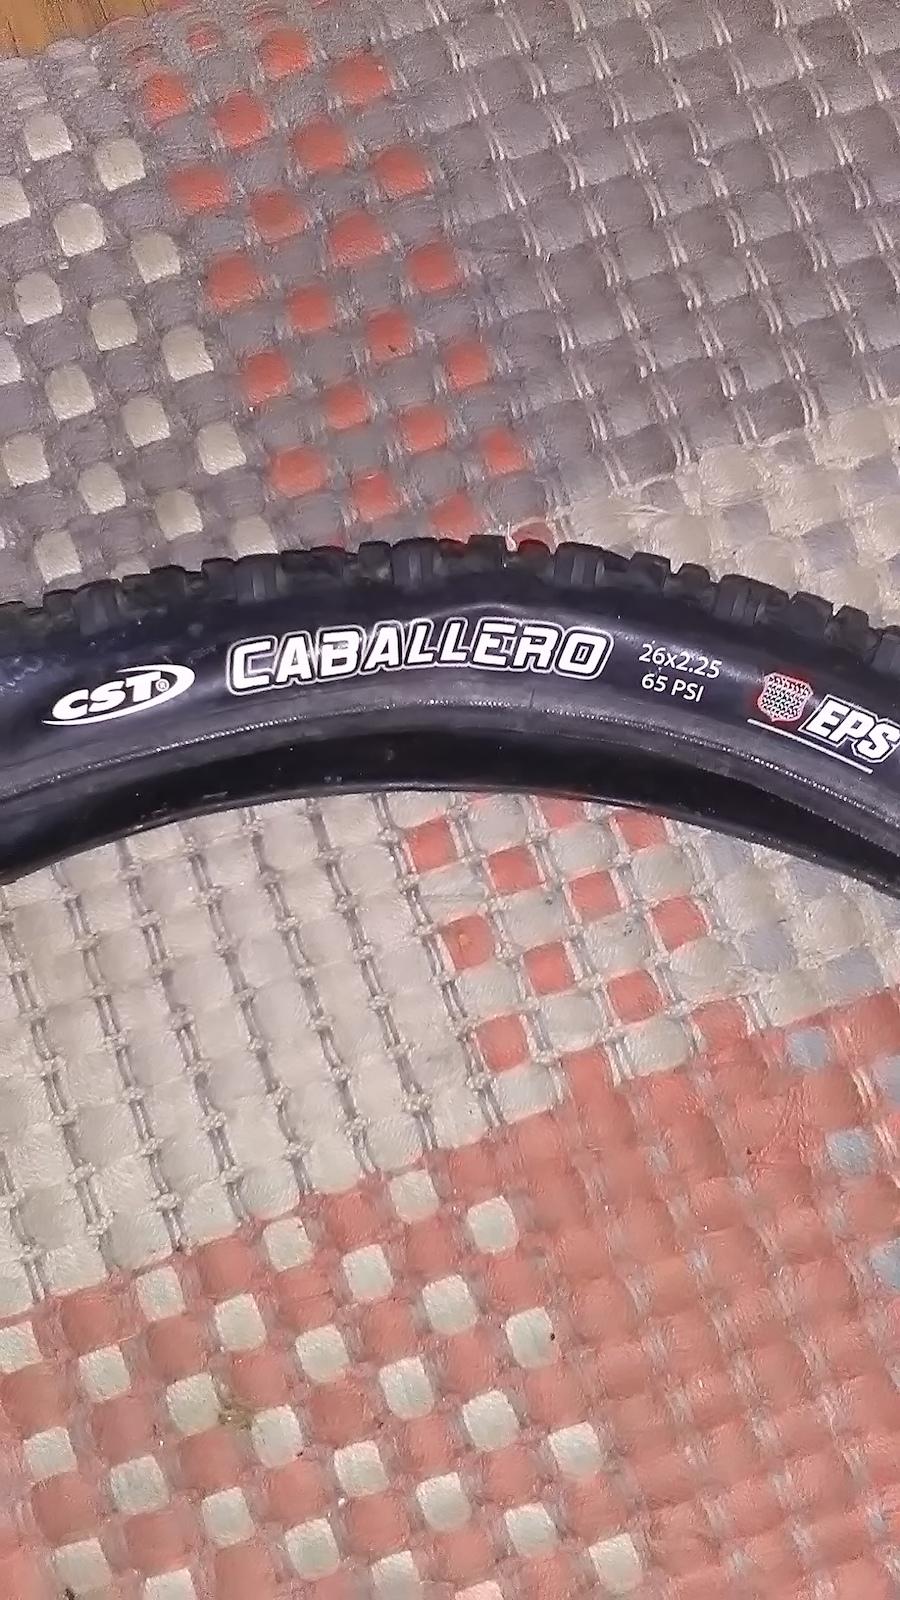 2013 CST Caballero 26x2.25